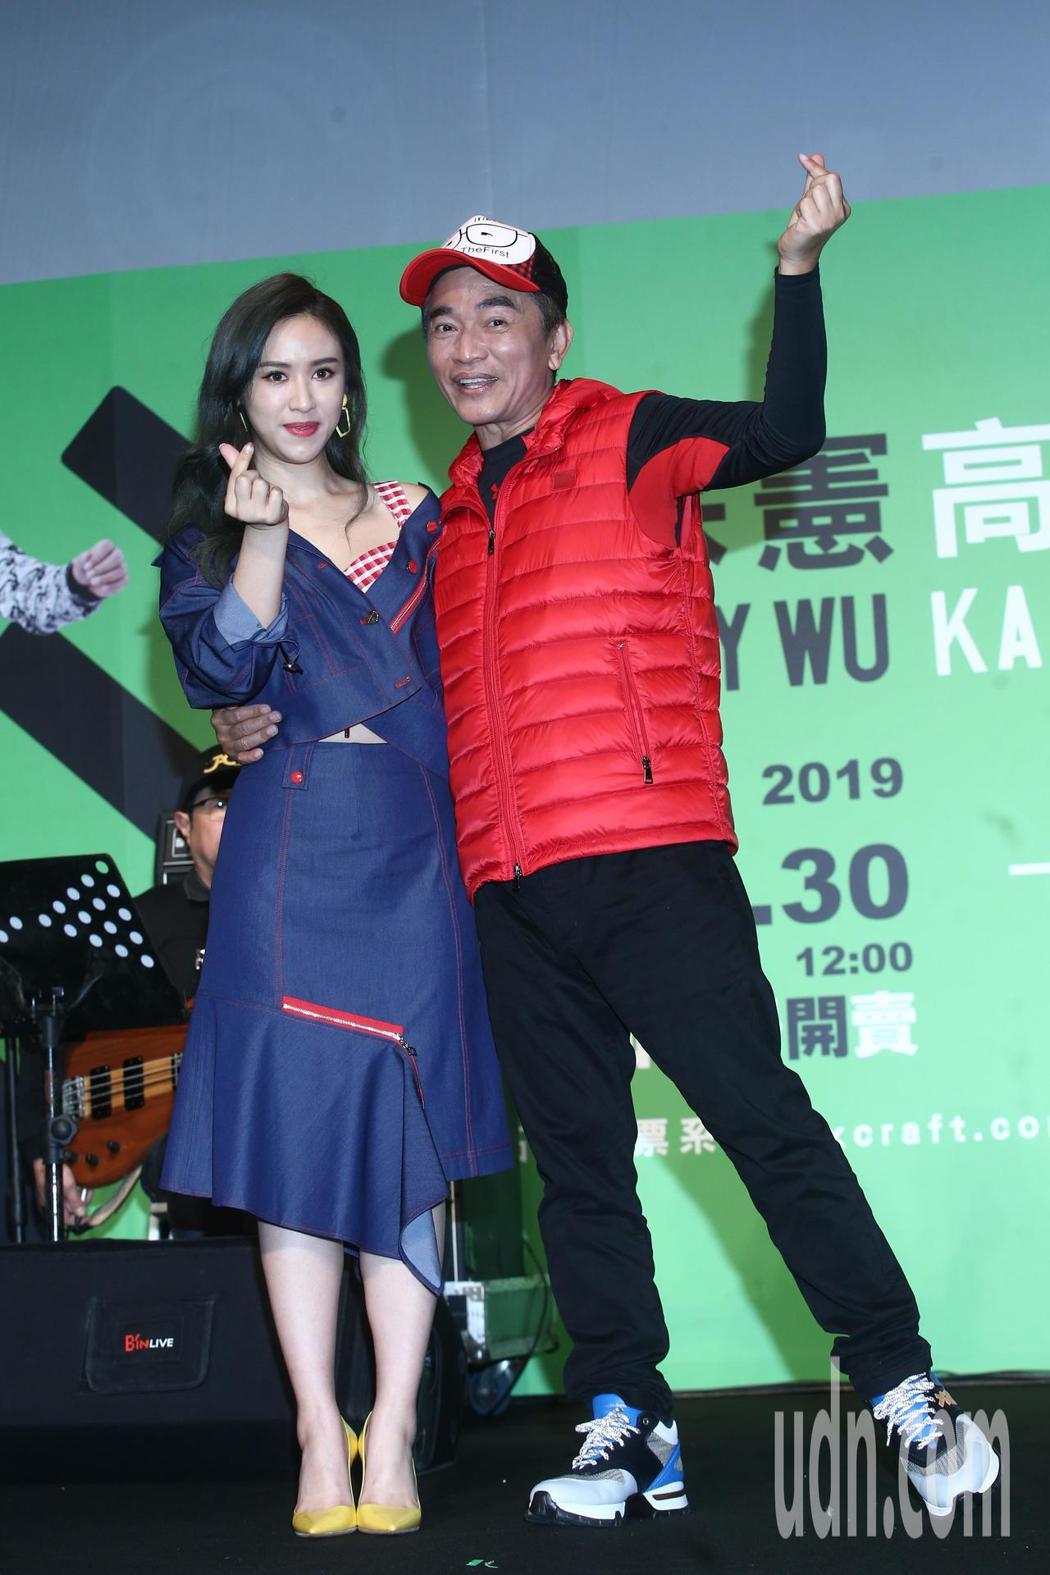 吳宗憲(右)與女兒吳姍儒(左)下午出席高雄巨蛋演唱會記者會。記者蘇健忠/攝影